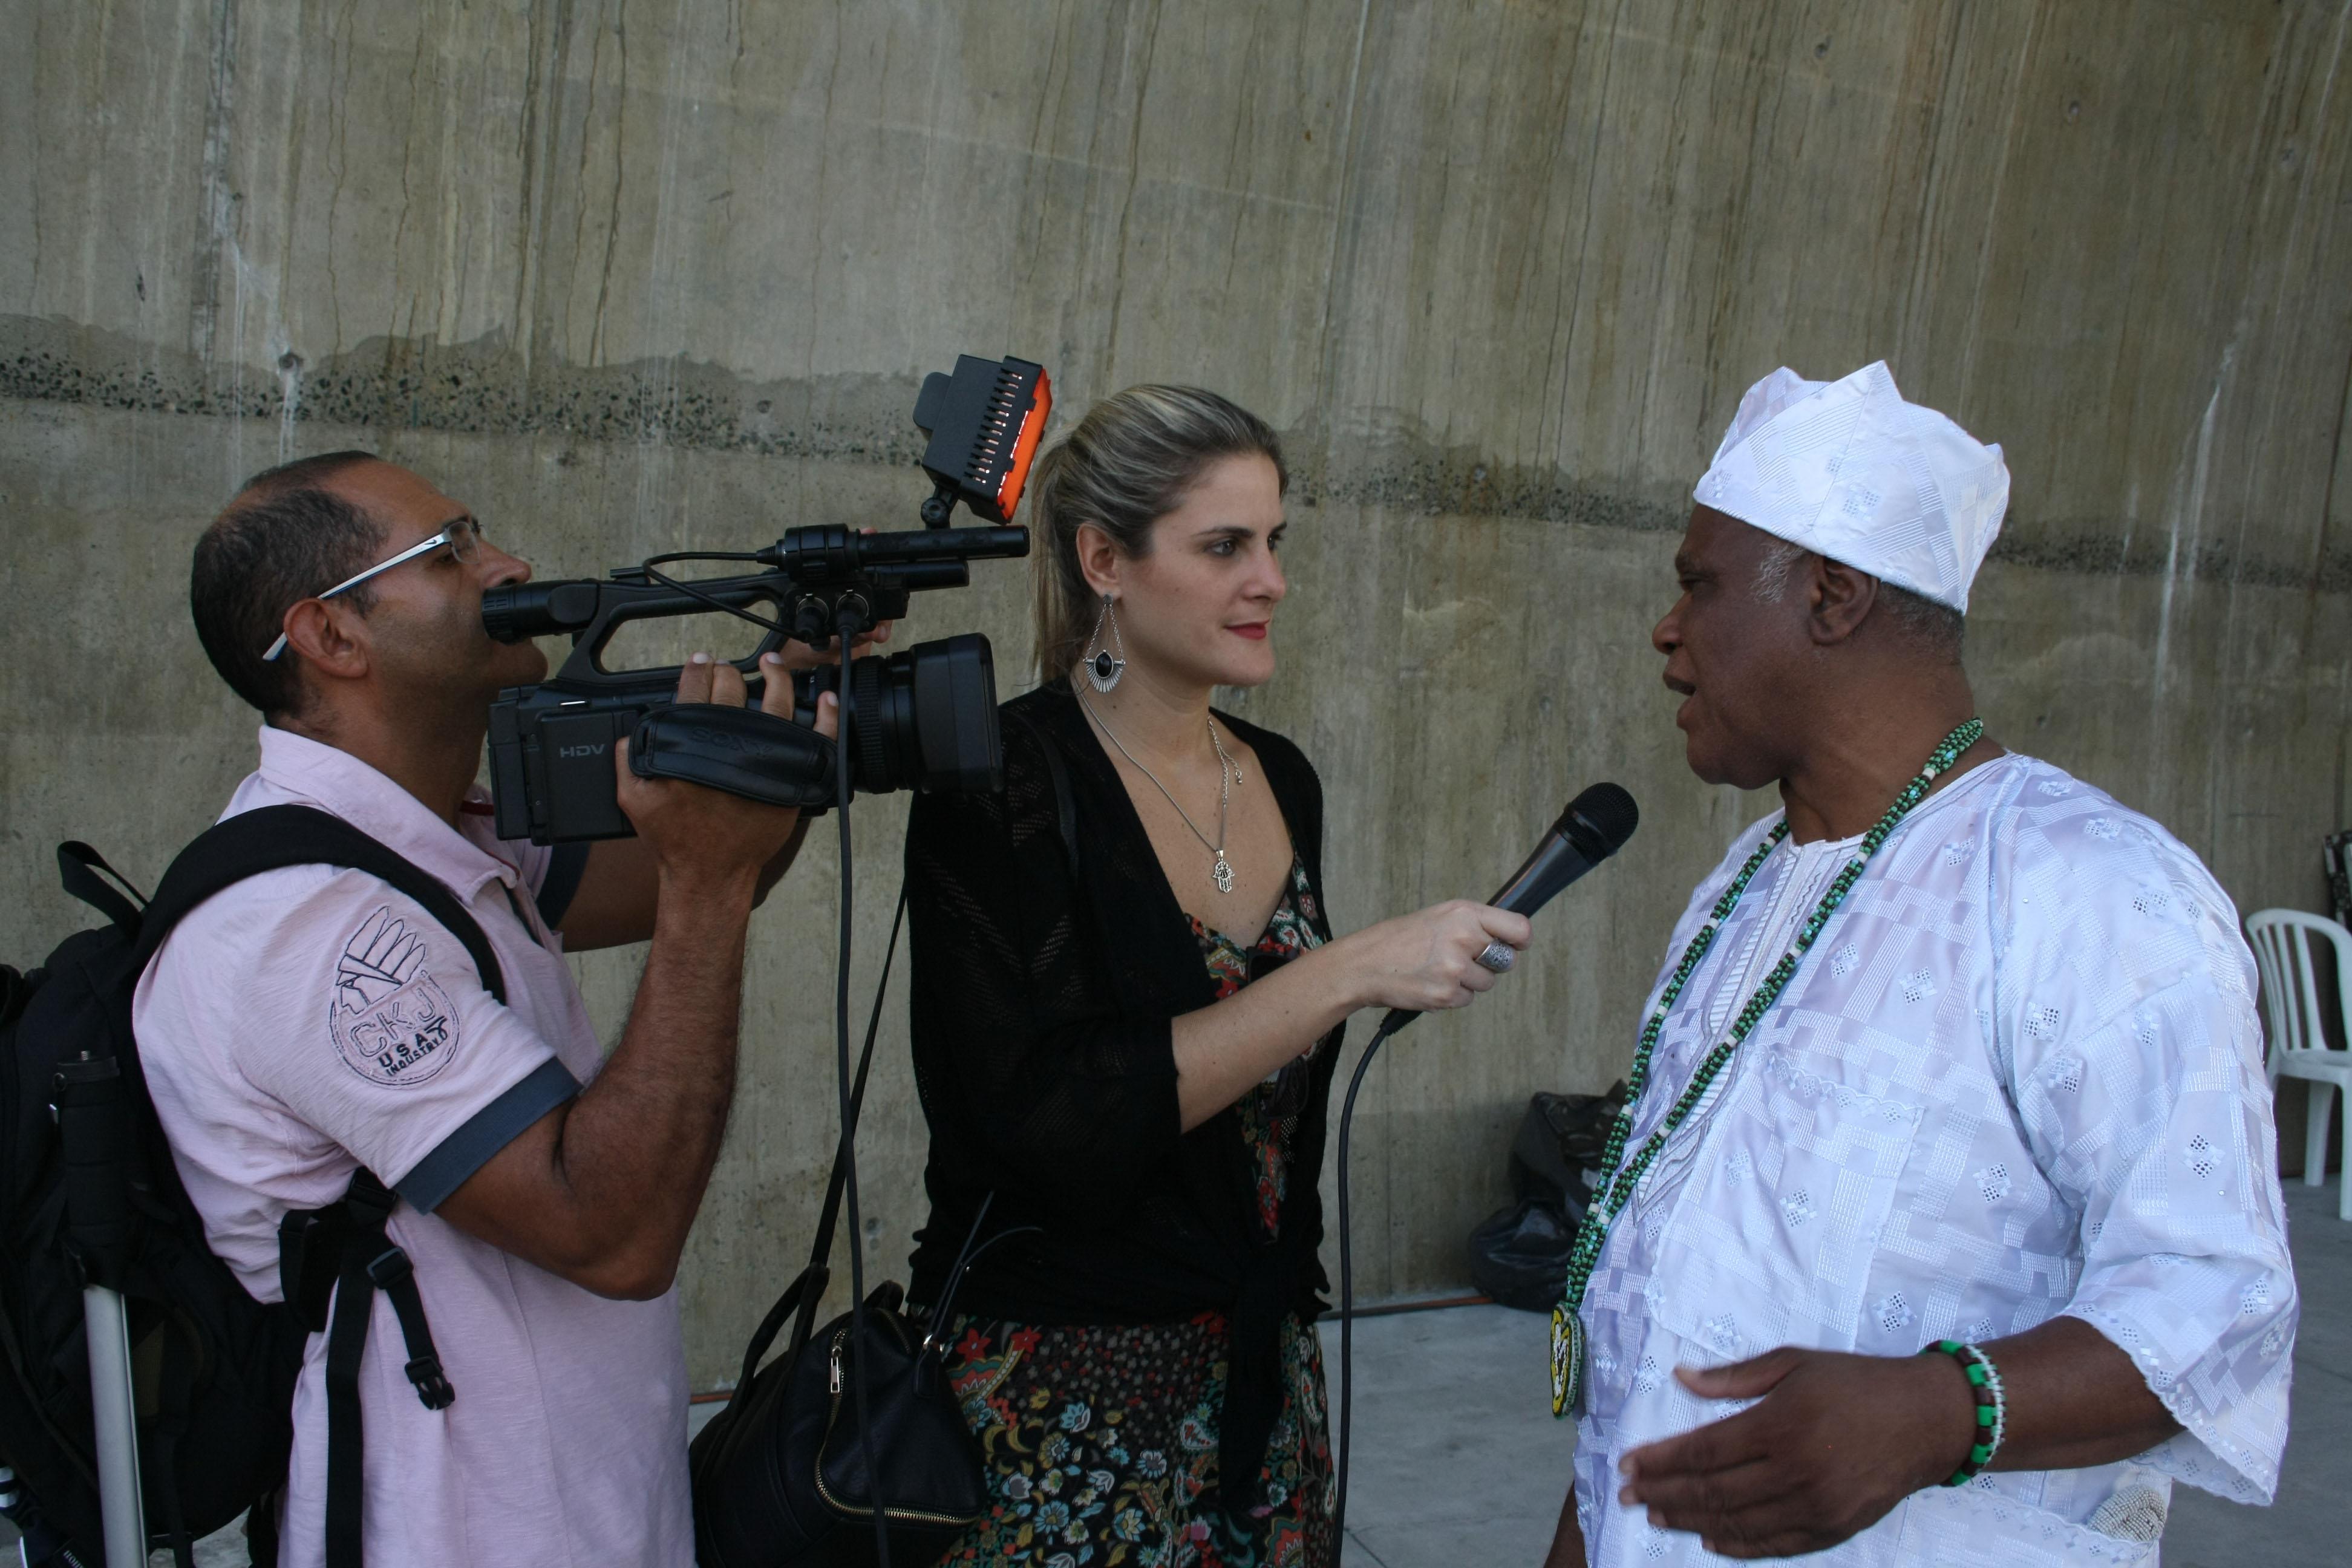 - Ivanir dando entrevista